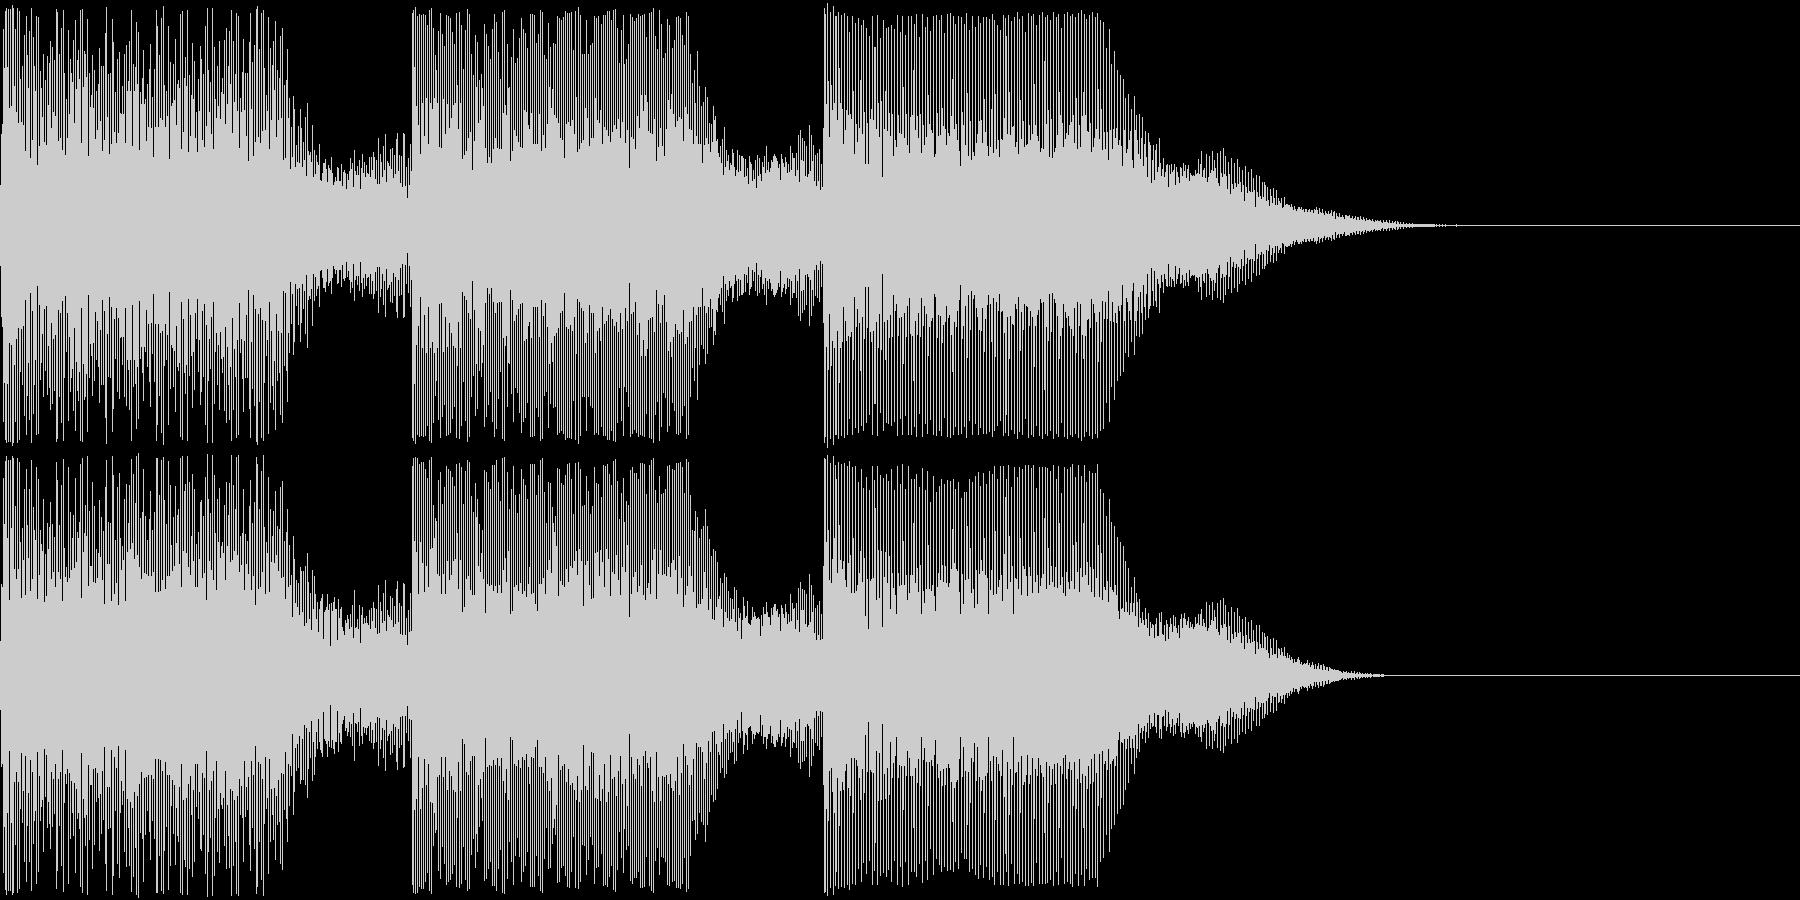 AI メカ/ロボ/マシン動作音 1の未再生の波形